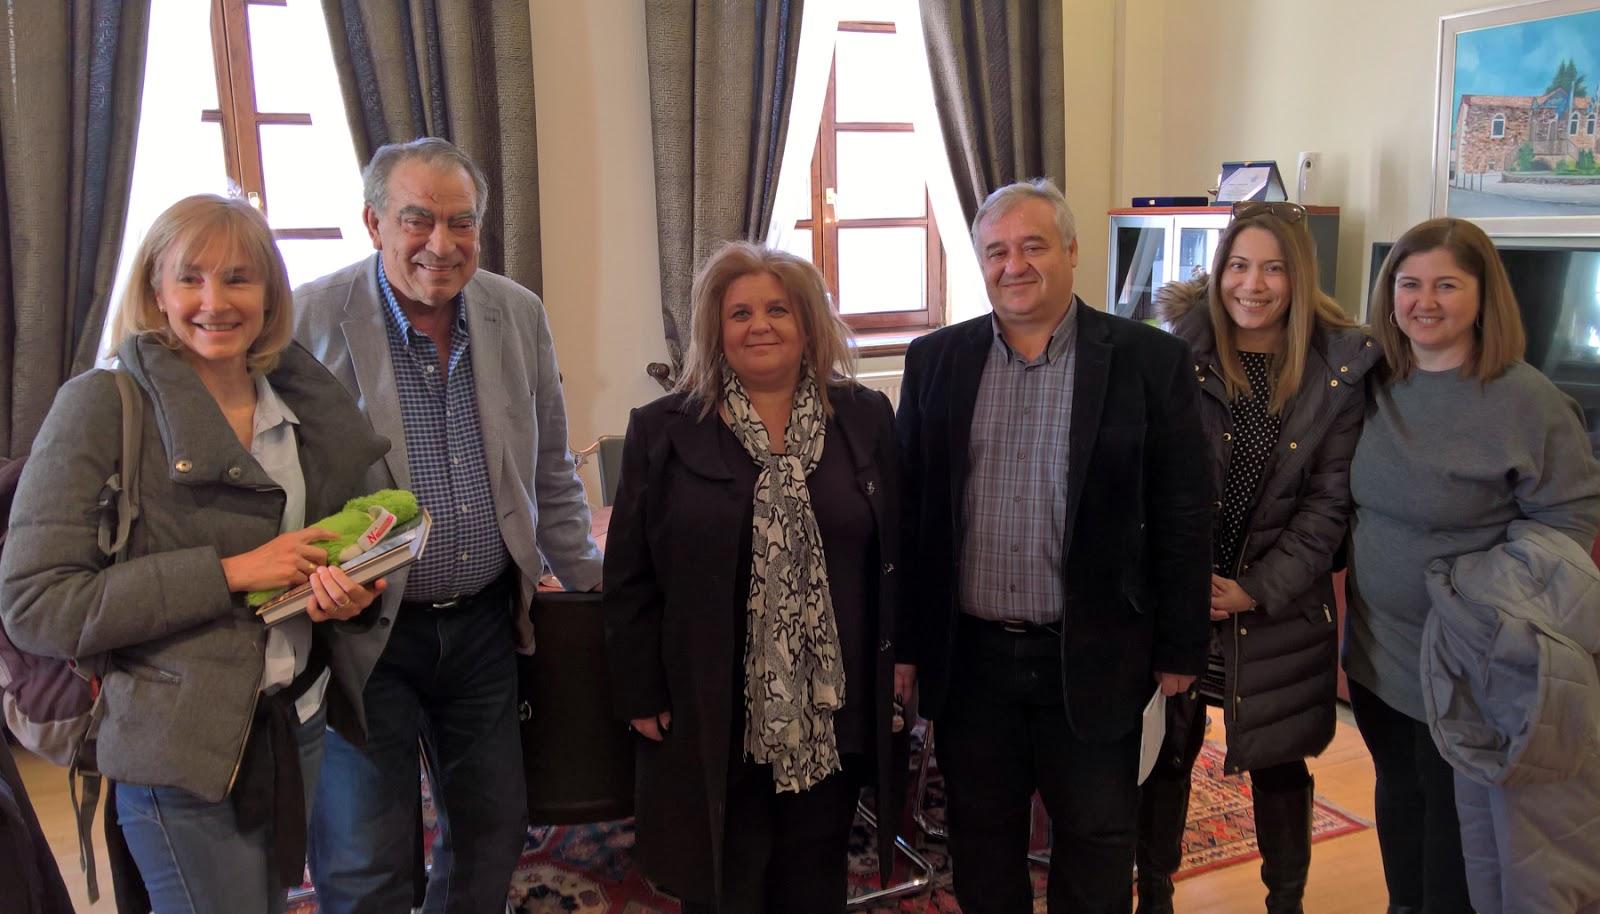 Επίσκεψη στο Δημαρχείο εκπαιδευτικού από τη Γαλλία στο πλαίσιο του Erasmus